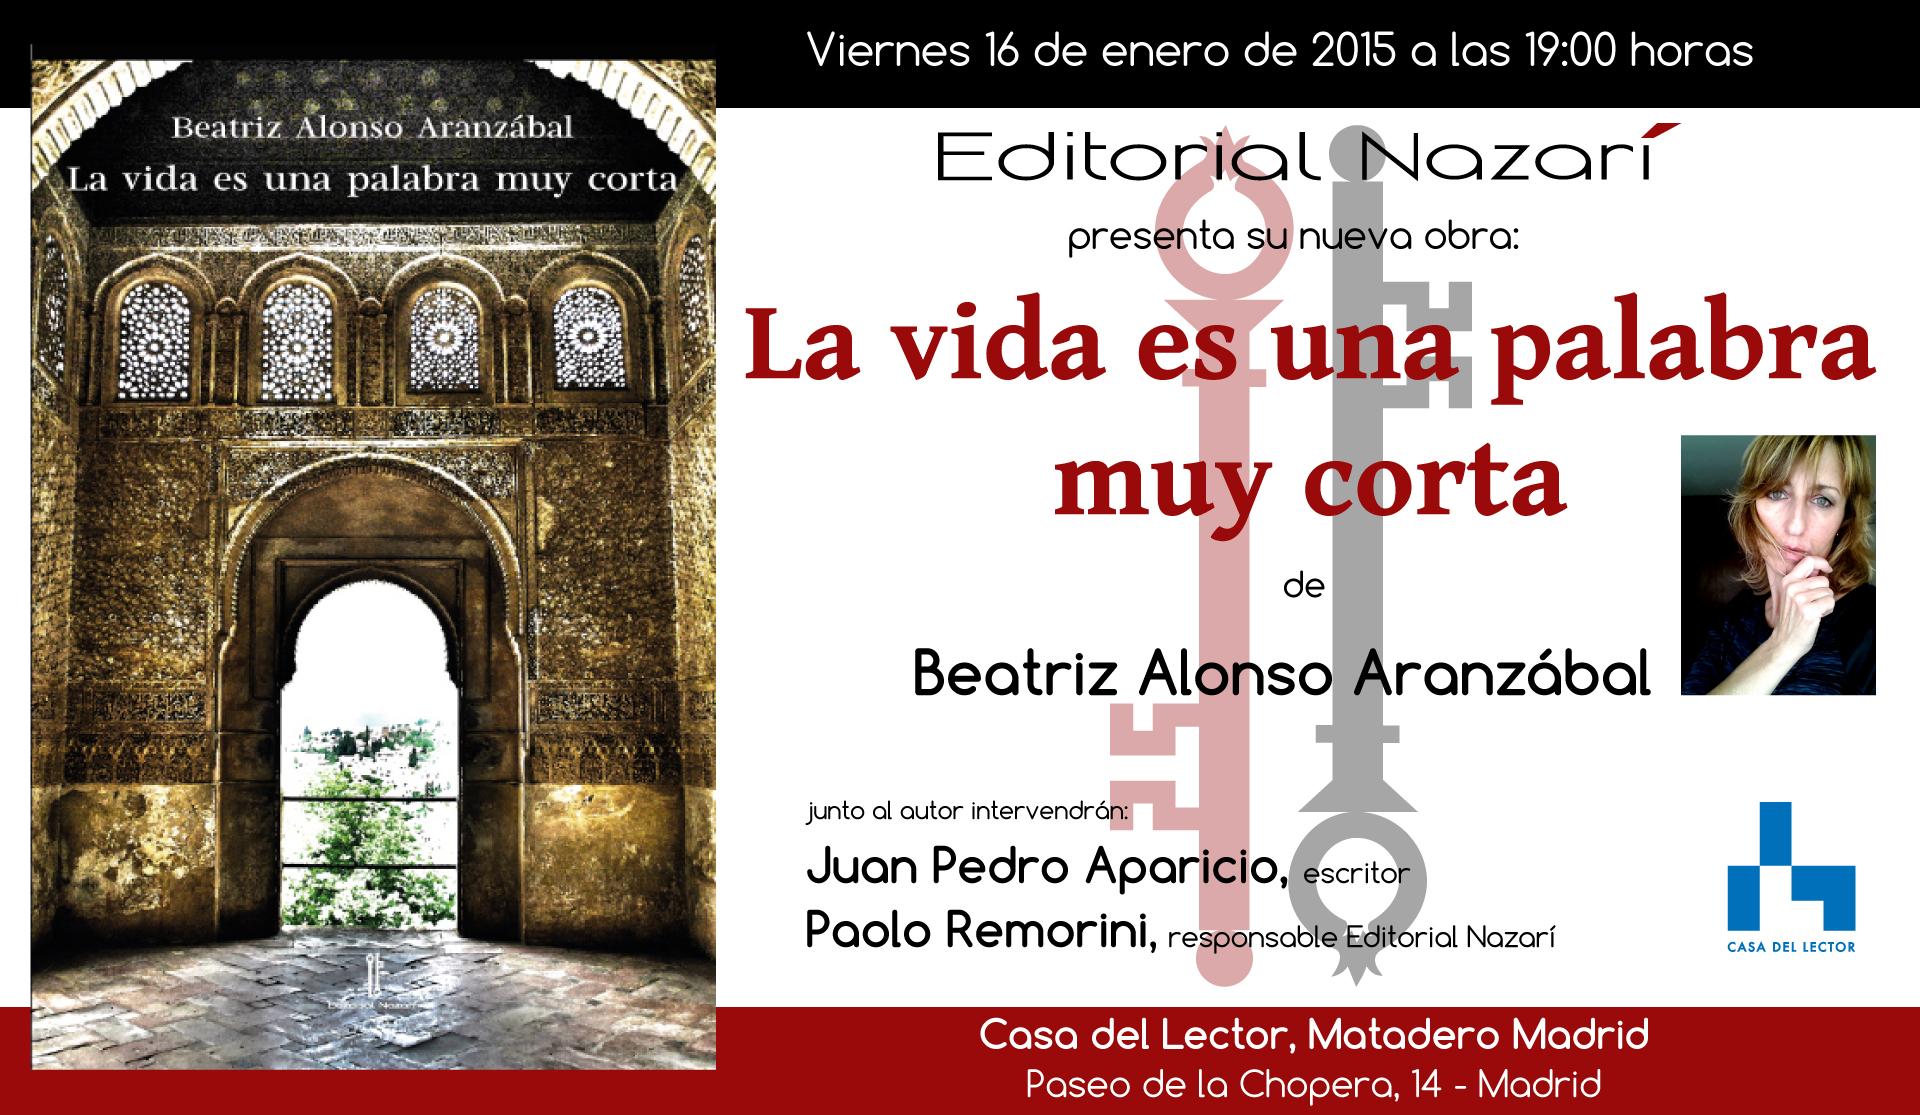 La vida es una palabra muy corta - Beatriz Alonso Aranzábal - Madrid